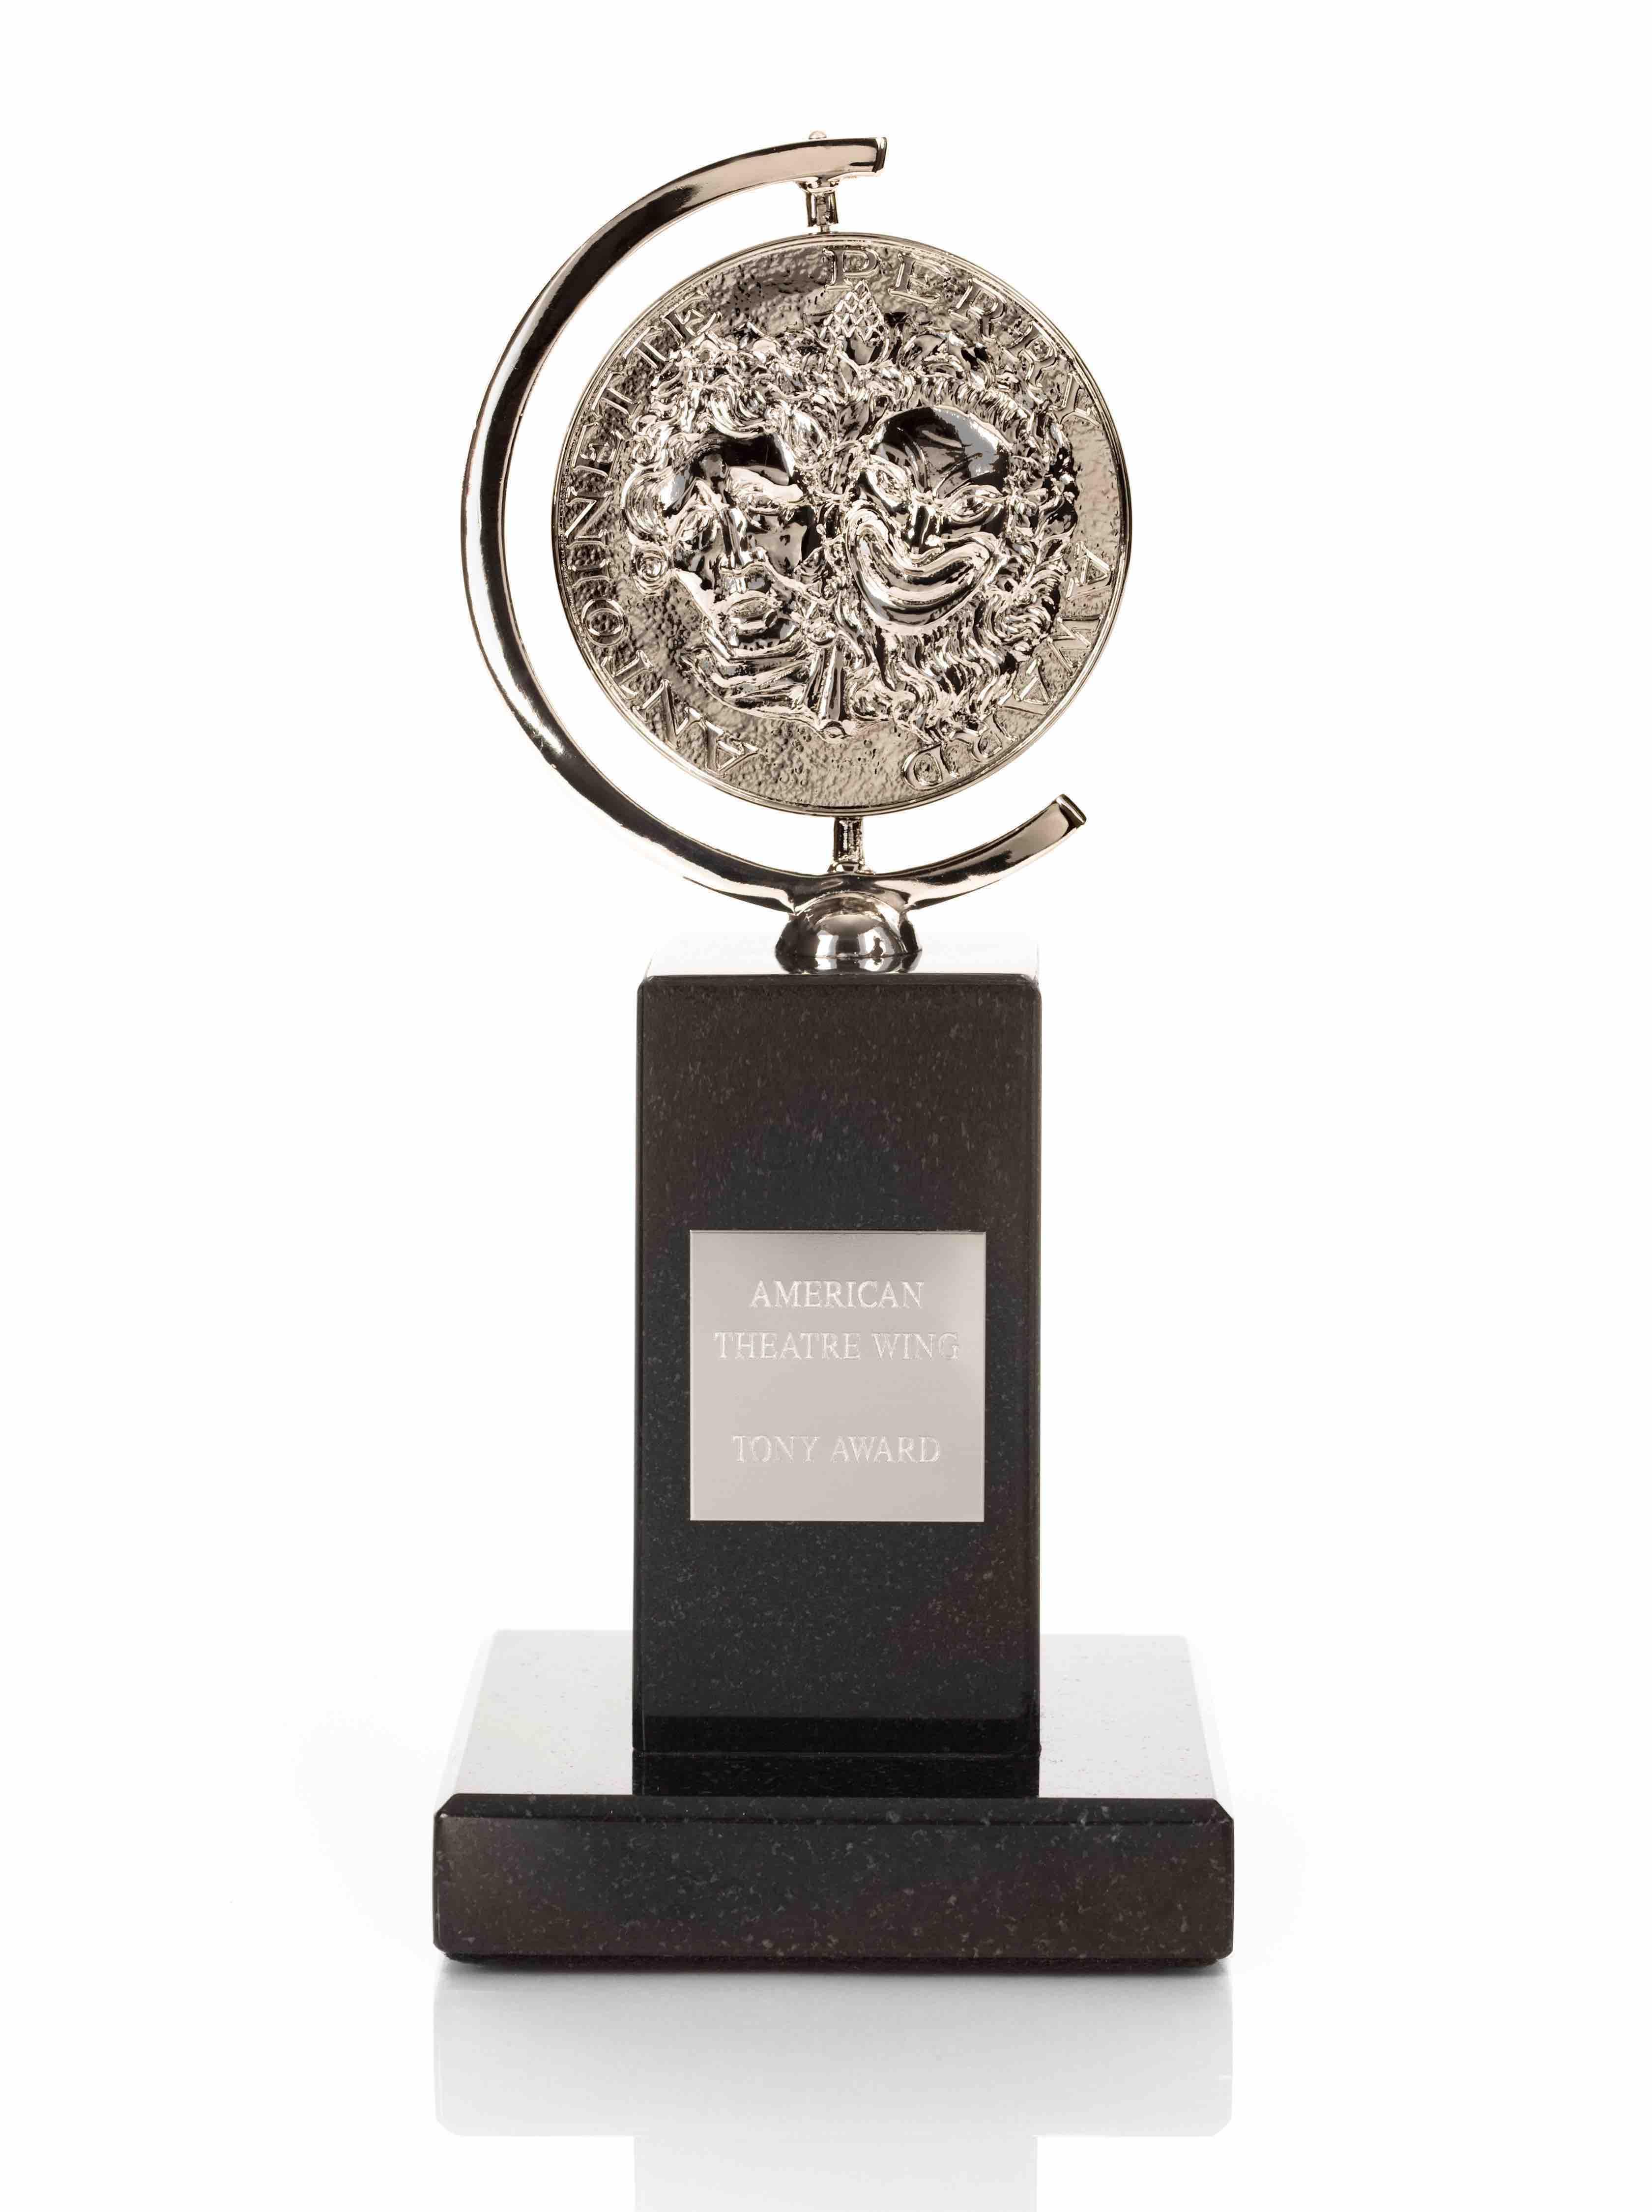 Tony Awards 2017 Statue | Award Shows 2017